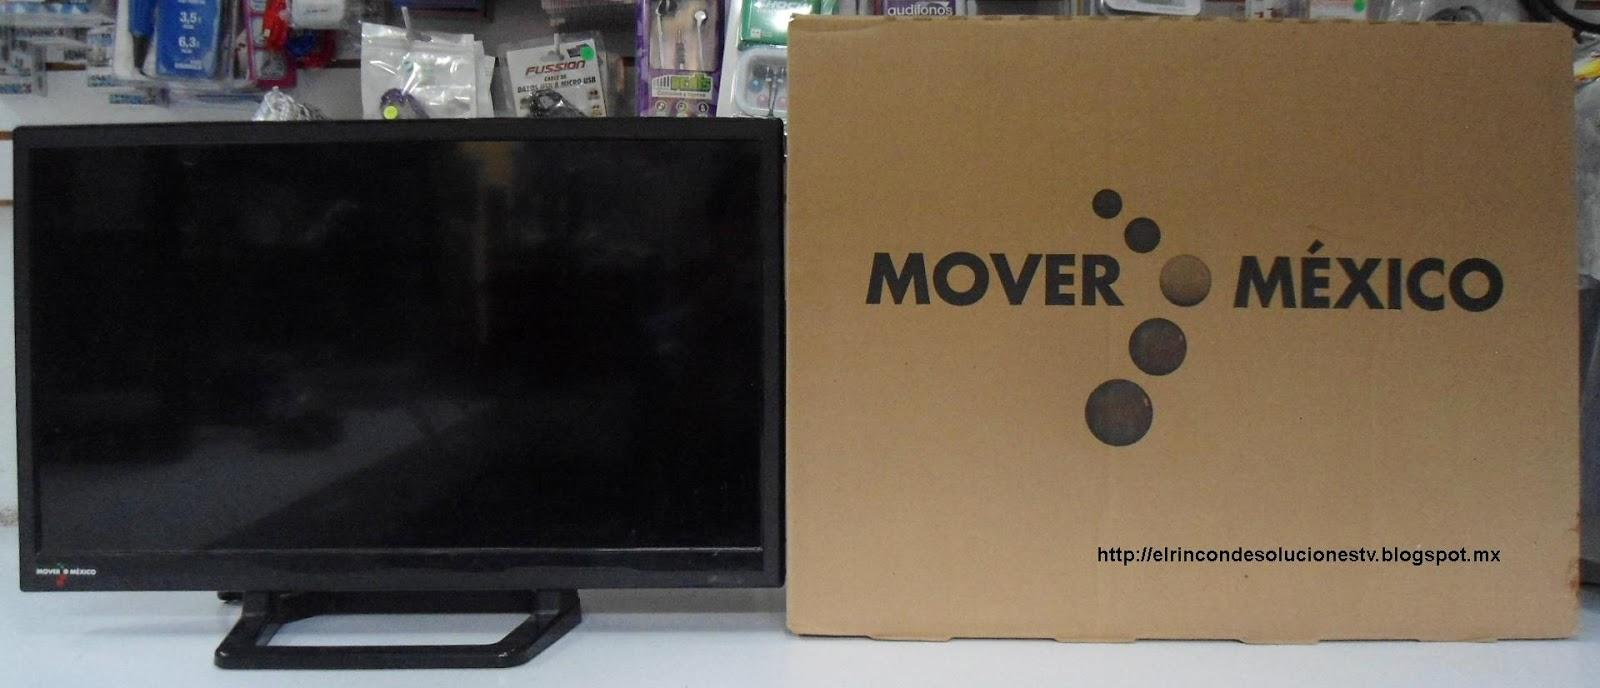 El rincón de soluciones tv - - - -: Las deidades del televisor Mover México.